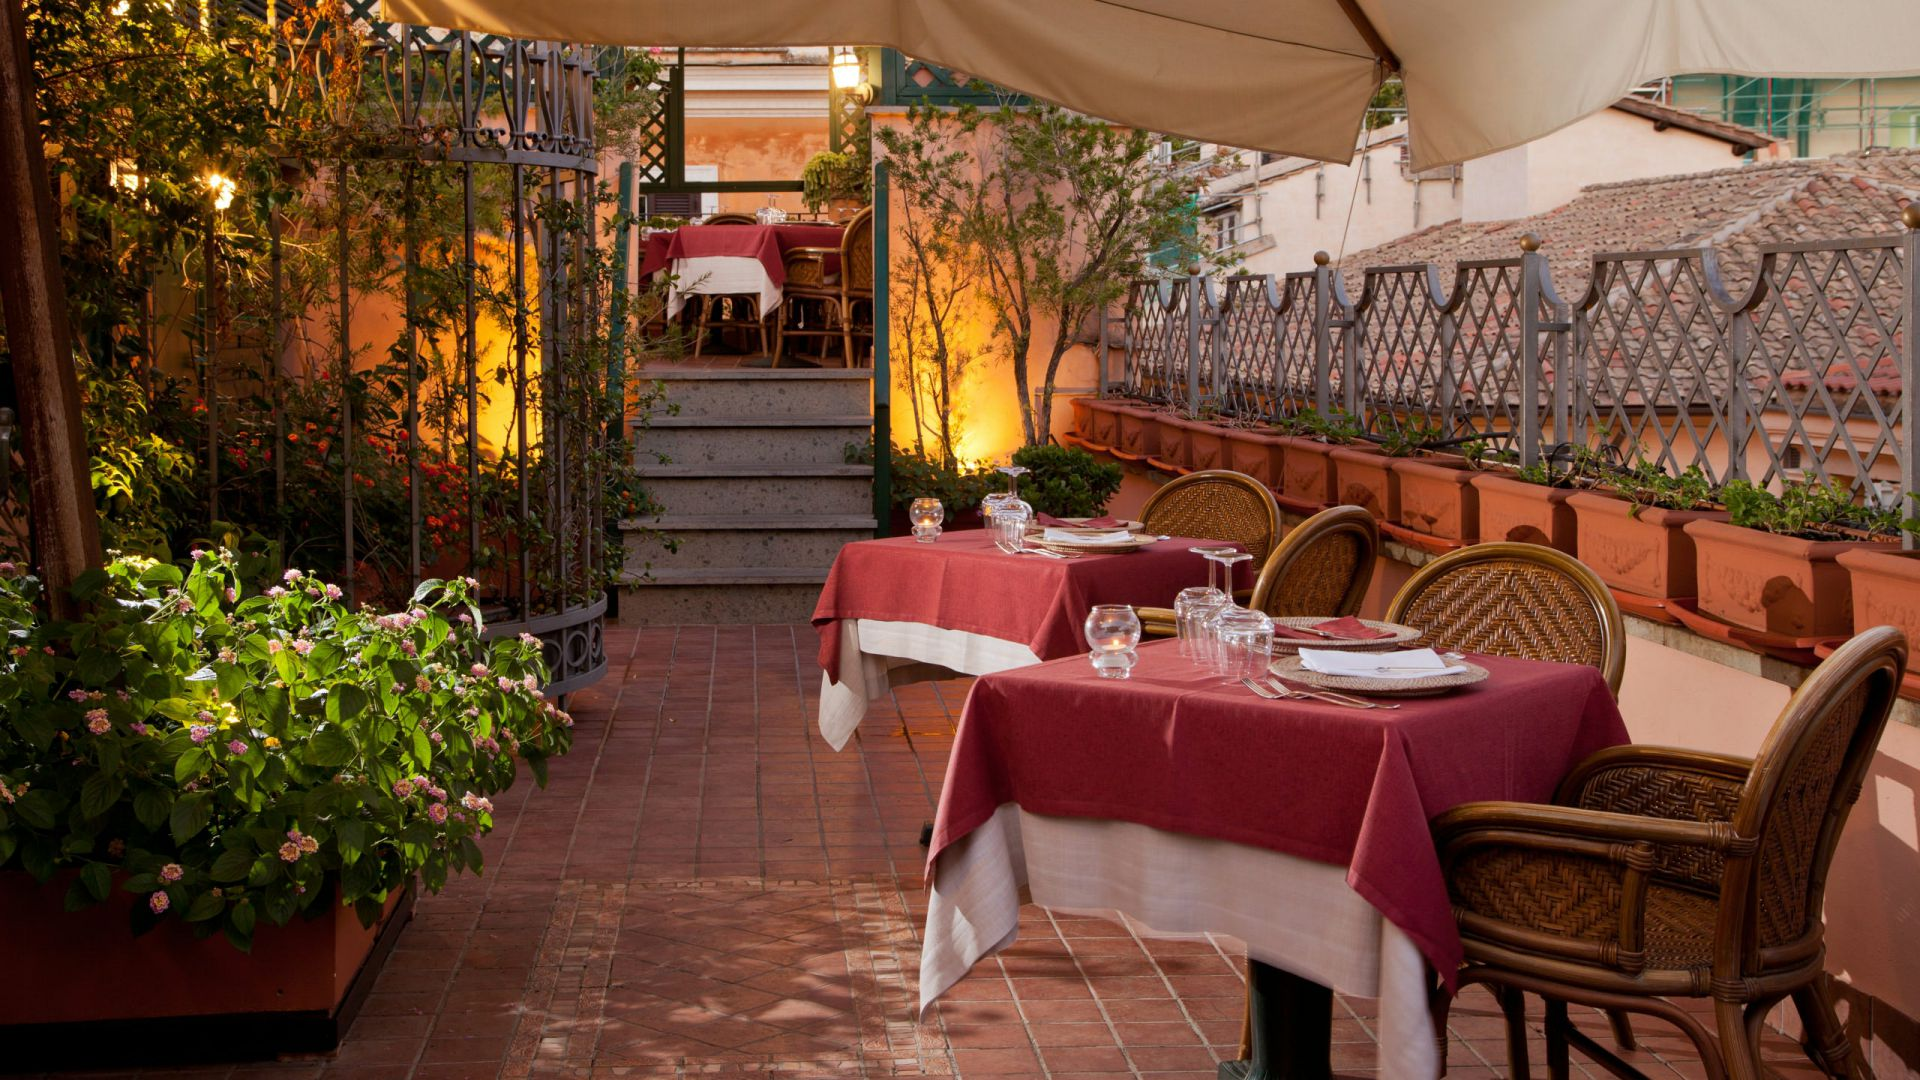 albergo-ottocento-rome-terrace-02